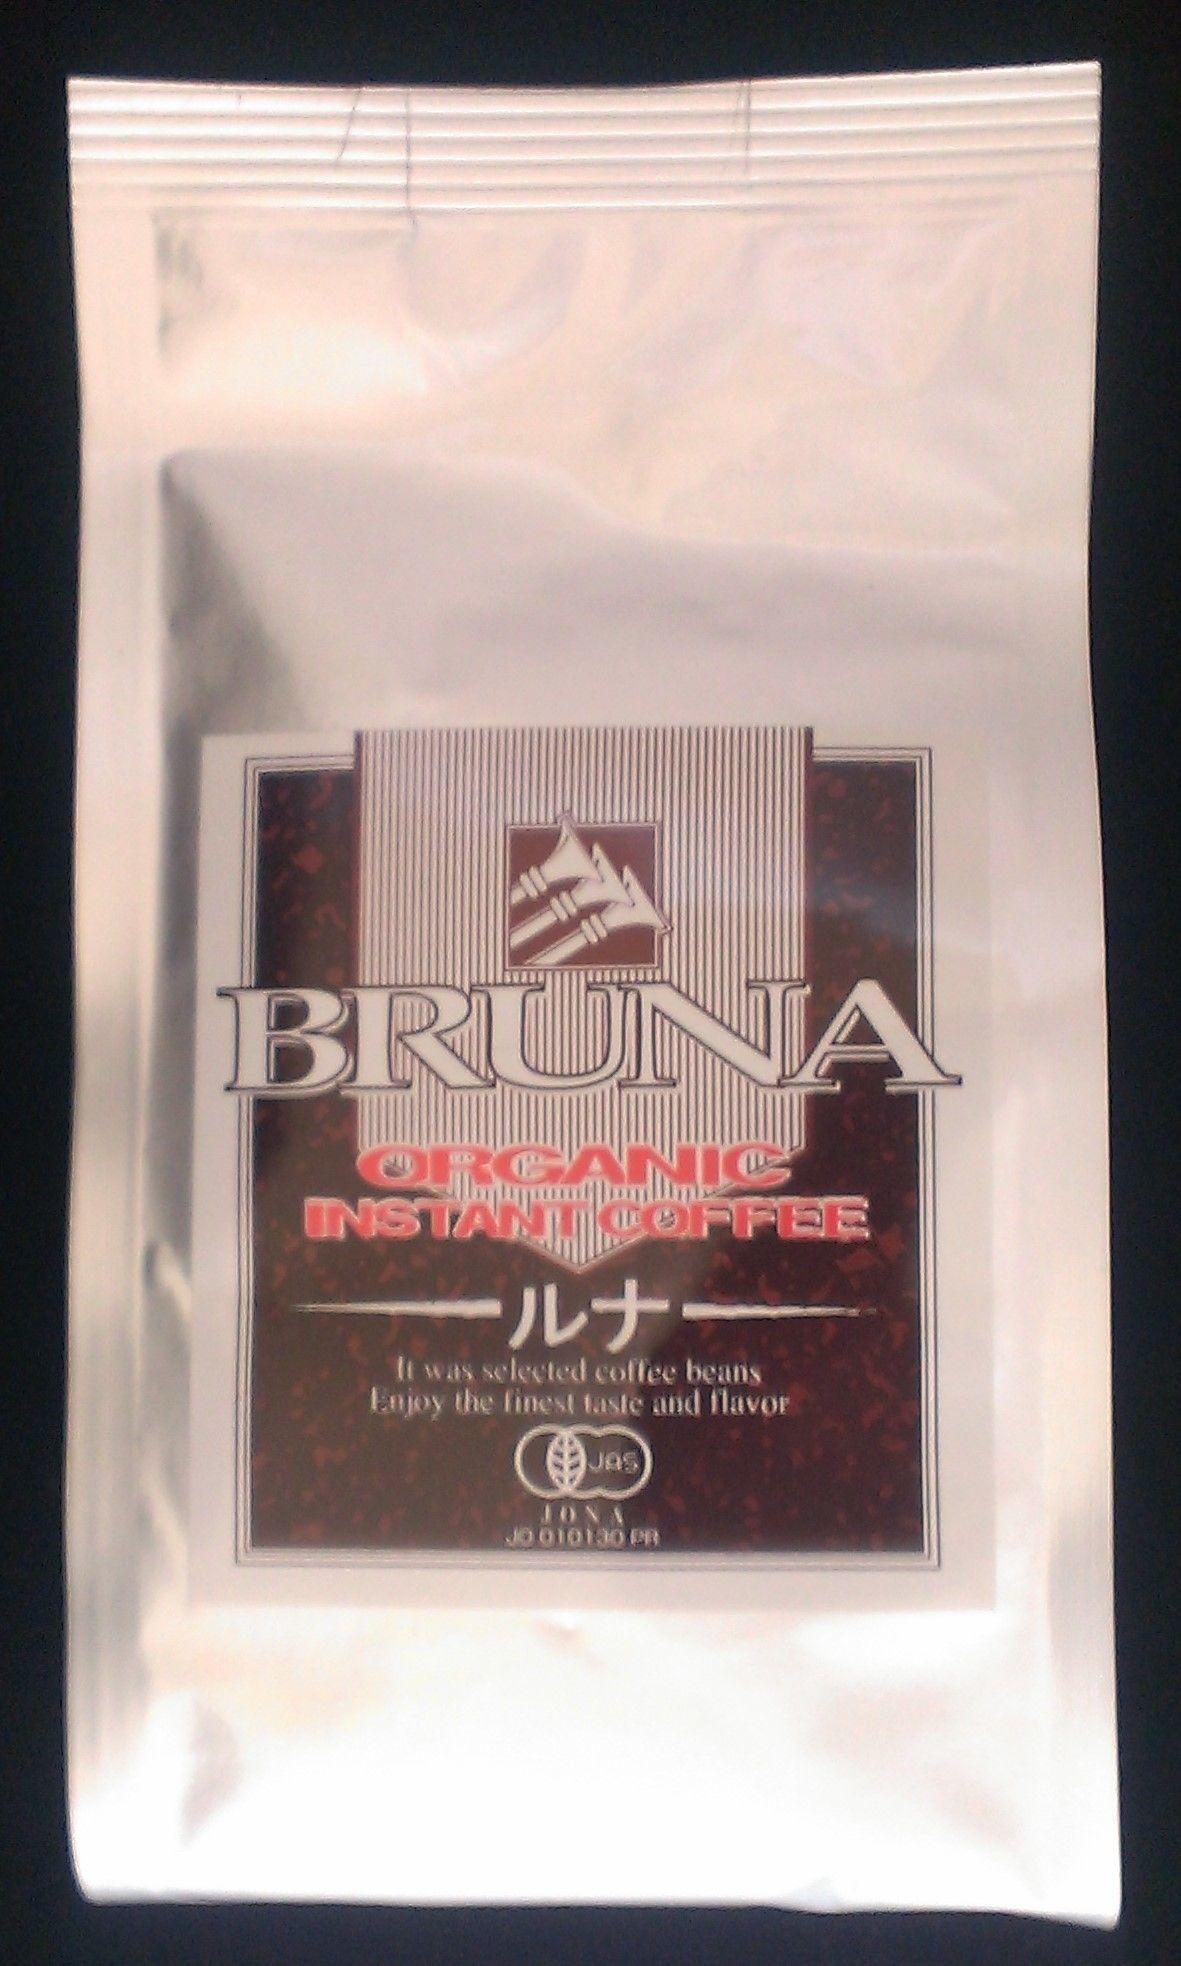 インスタント珈琲「BRUNA(ルナ)」詰替え用 5袋×75g(オーガニック) 有機JAS認証 送料無料※一部地域は別途追加送料あり